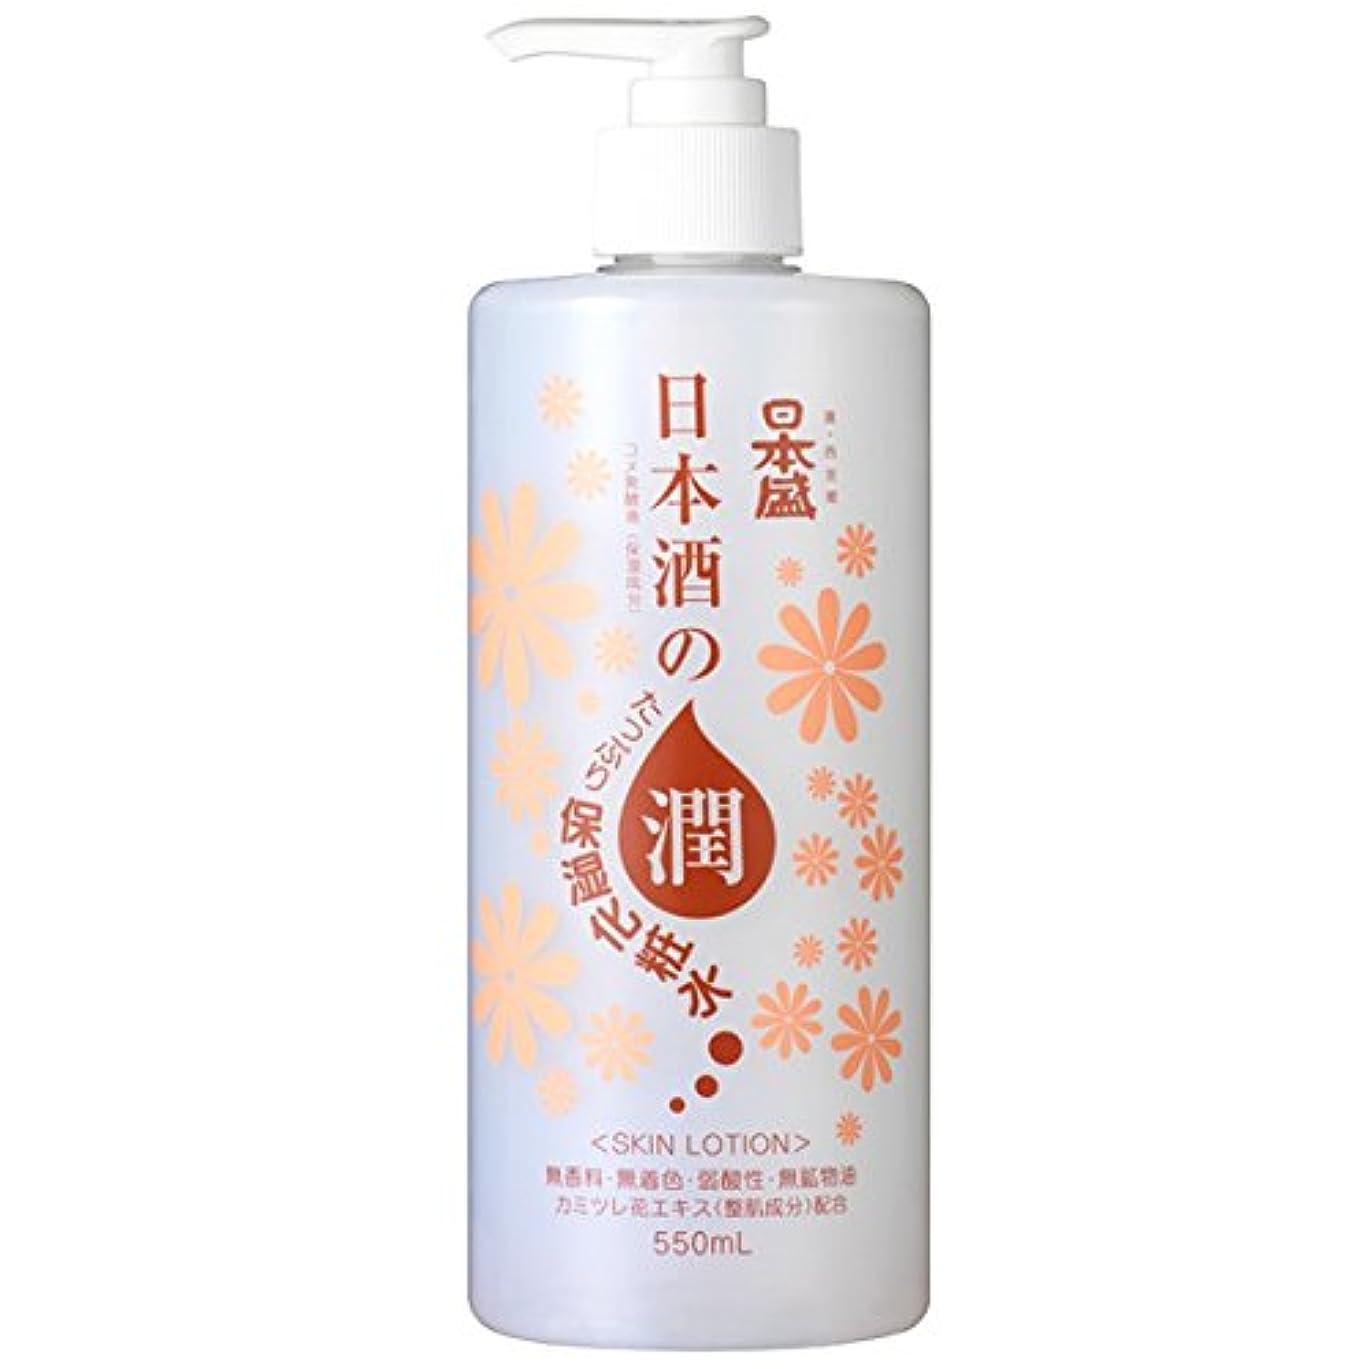 ダルセット相手バンドル日本酒のたっぷり保湿化粧水 550ml